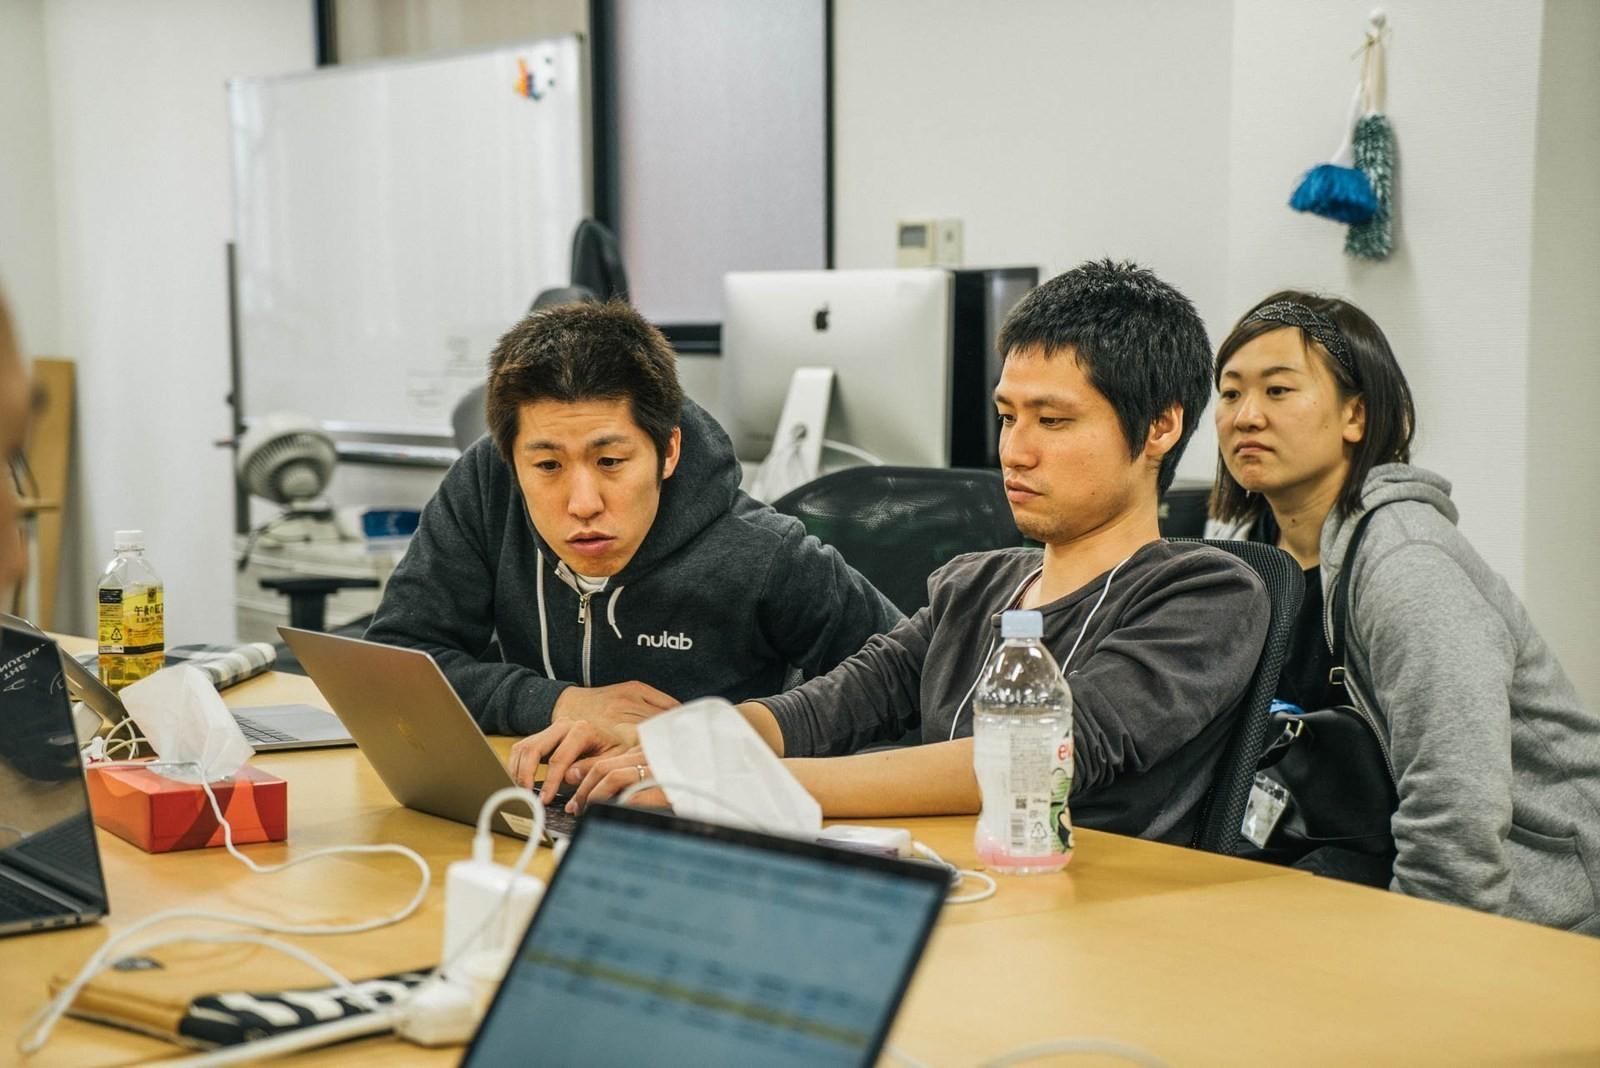 [東京] サービスの改善が世の中の進捗の改善につながる!Backlogをより日本・世界に広めるためにインフラ面を強化するSREチームのエンジニアを募集!